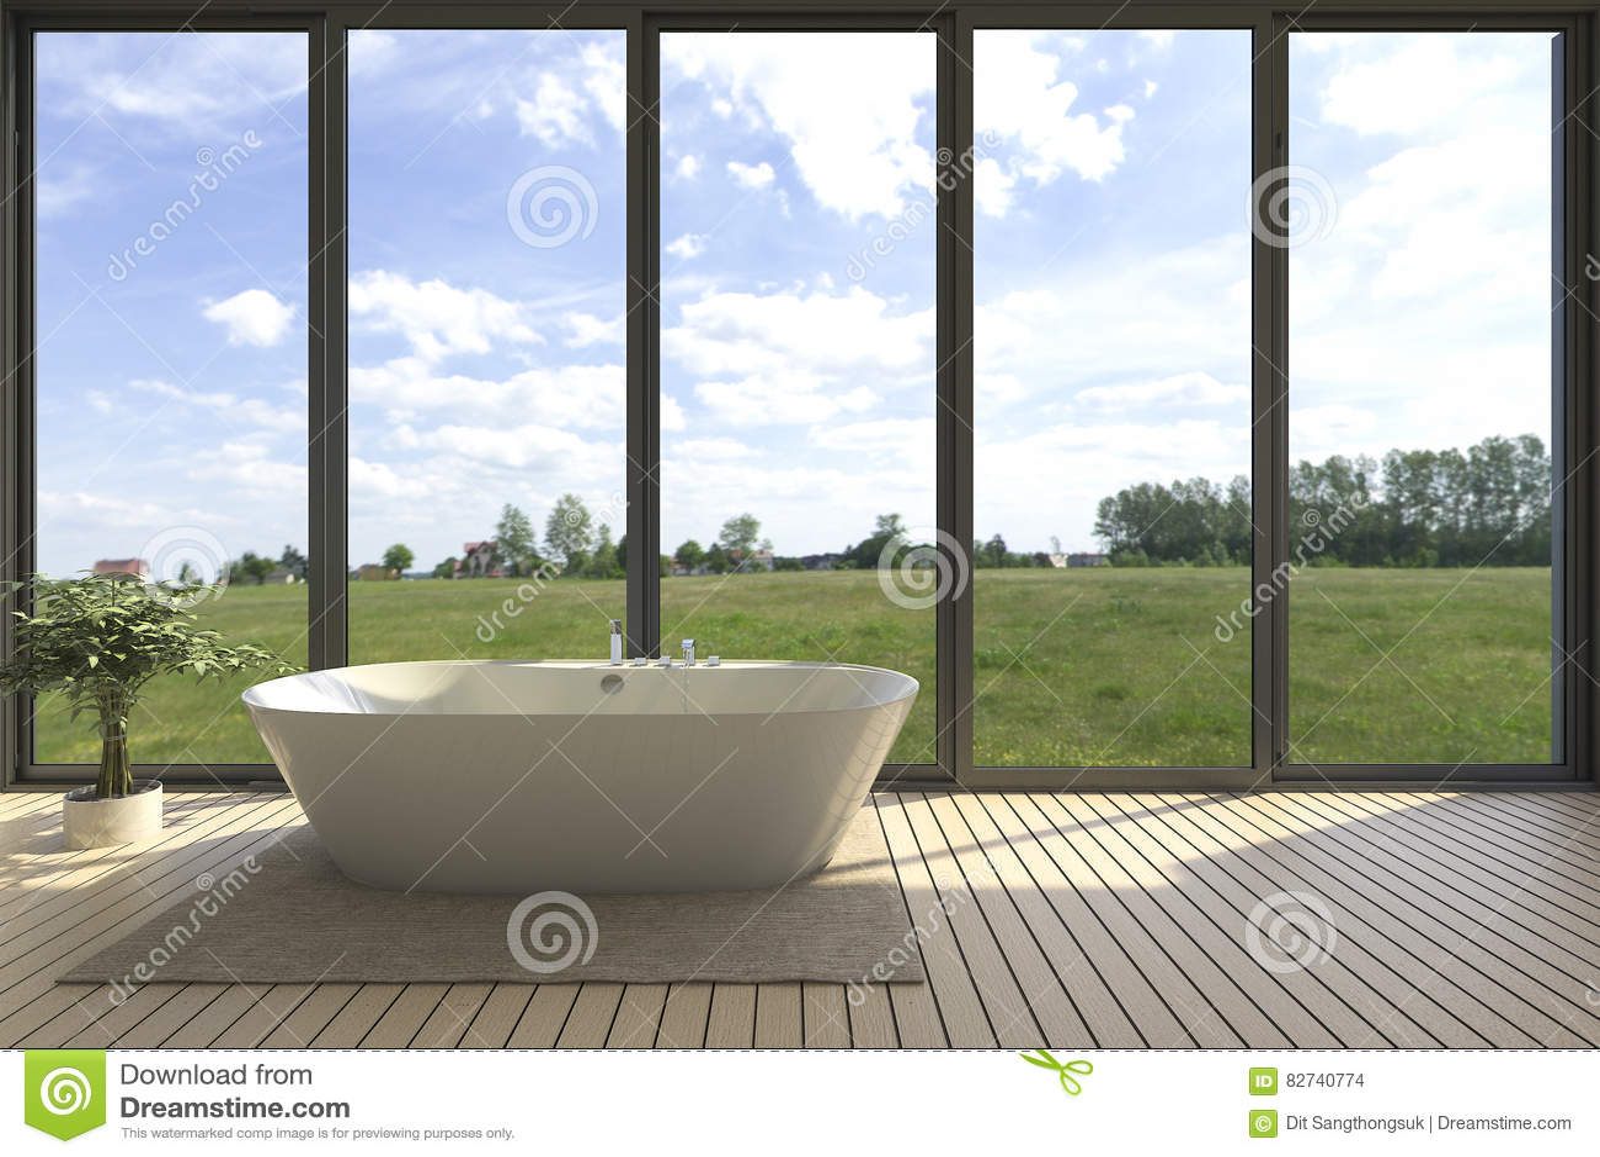 3d Rendering Minimal Bathtub In Wide Bathroom With Nice View Stock ...